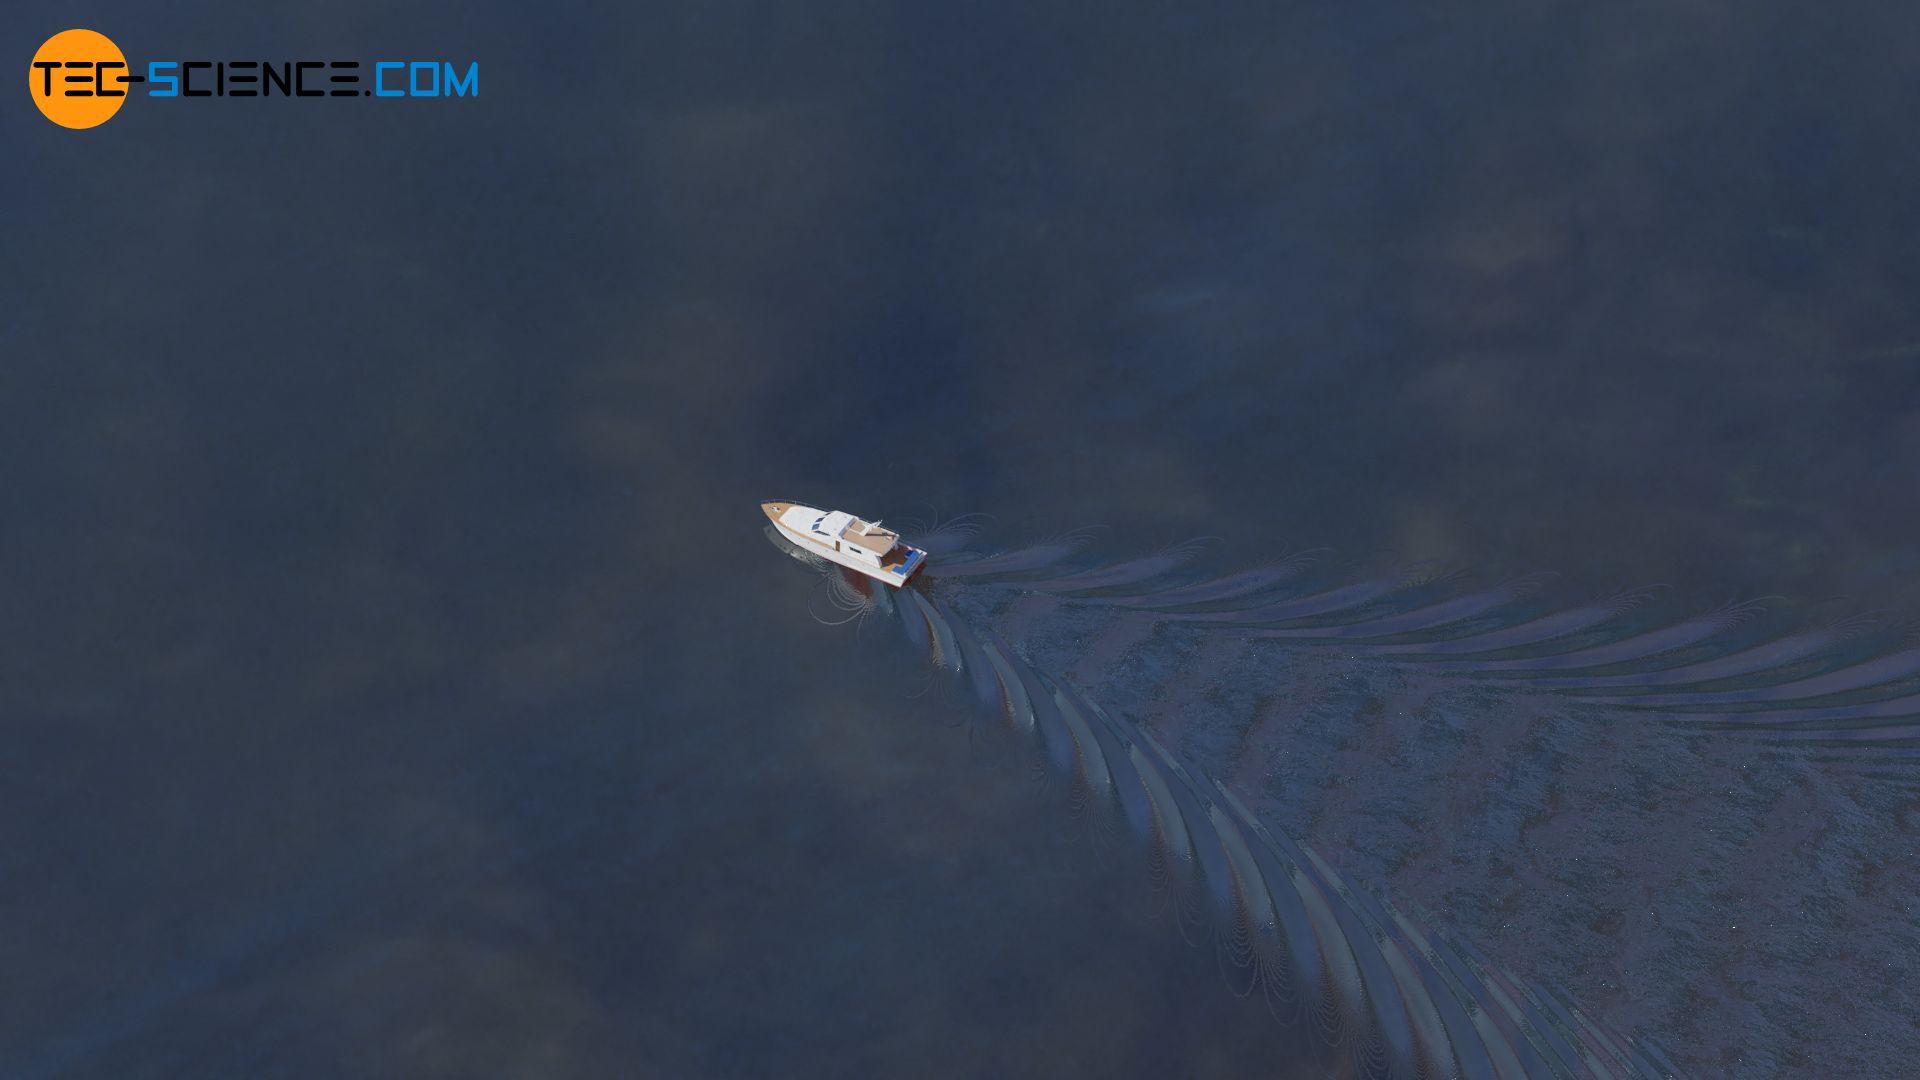 Turbulenter Nachlauf im Kielwasser eines Schiffes